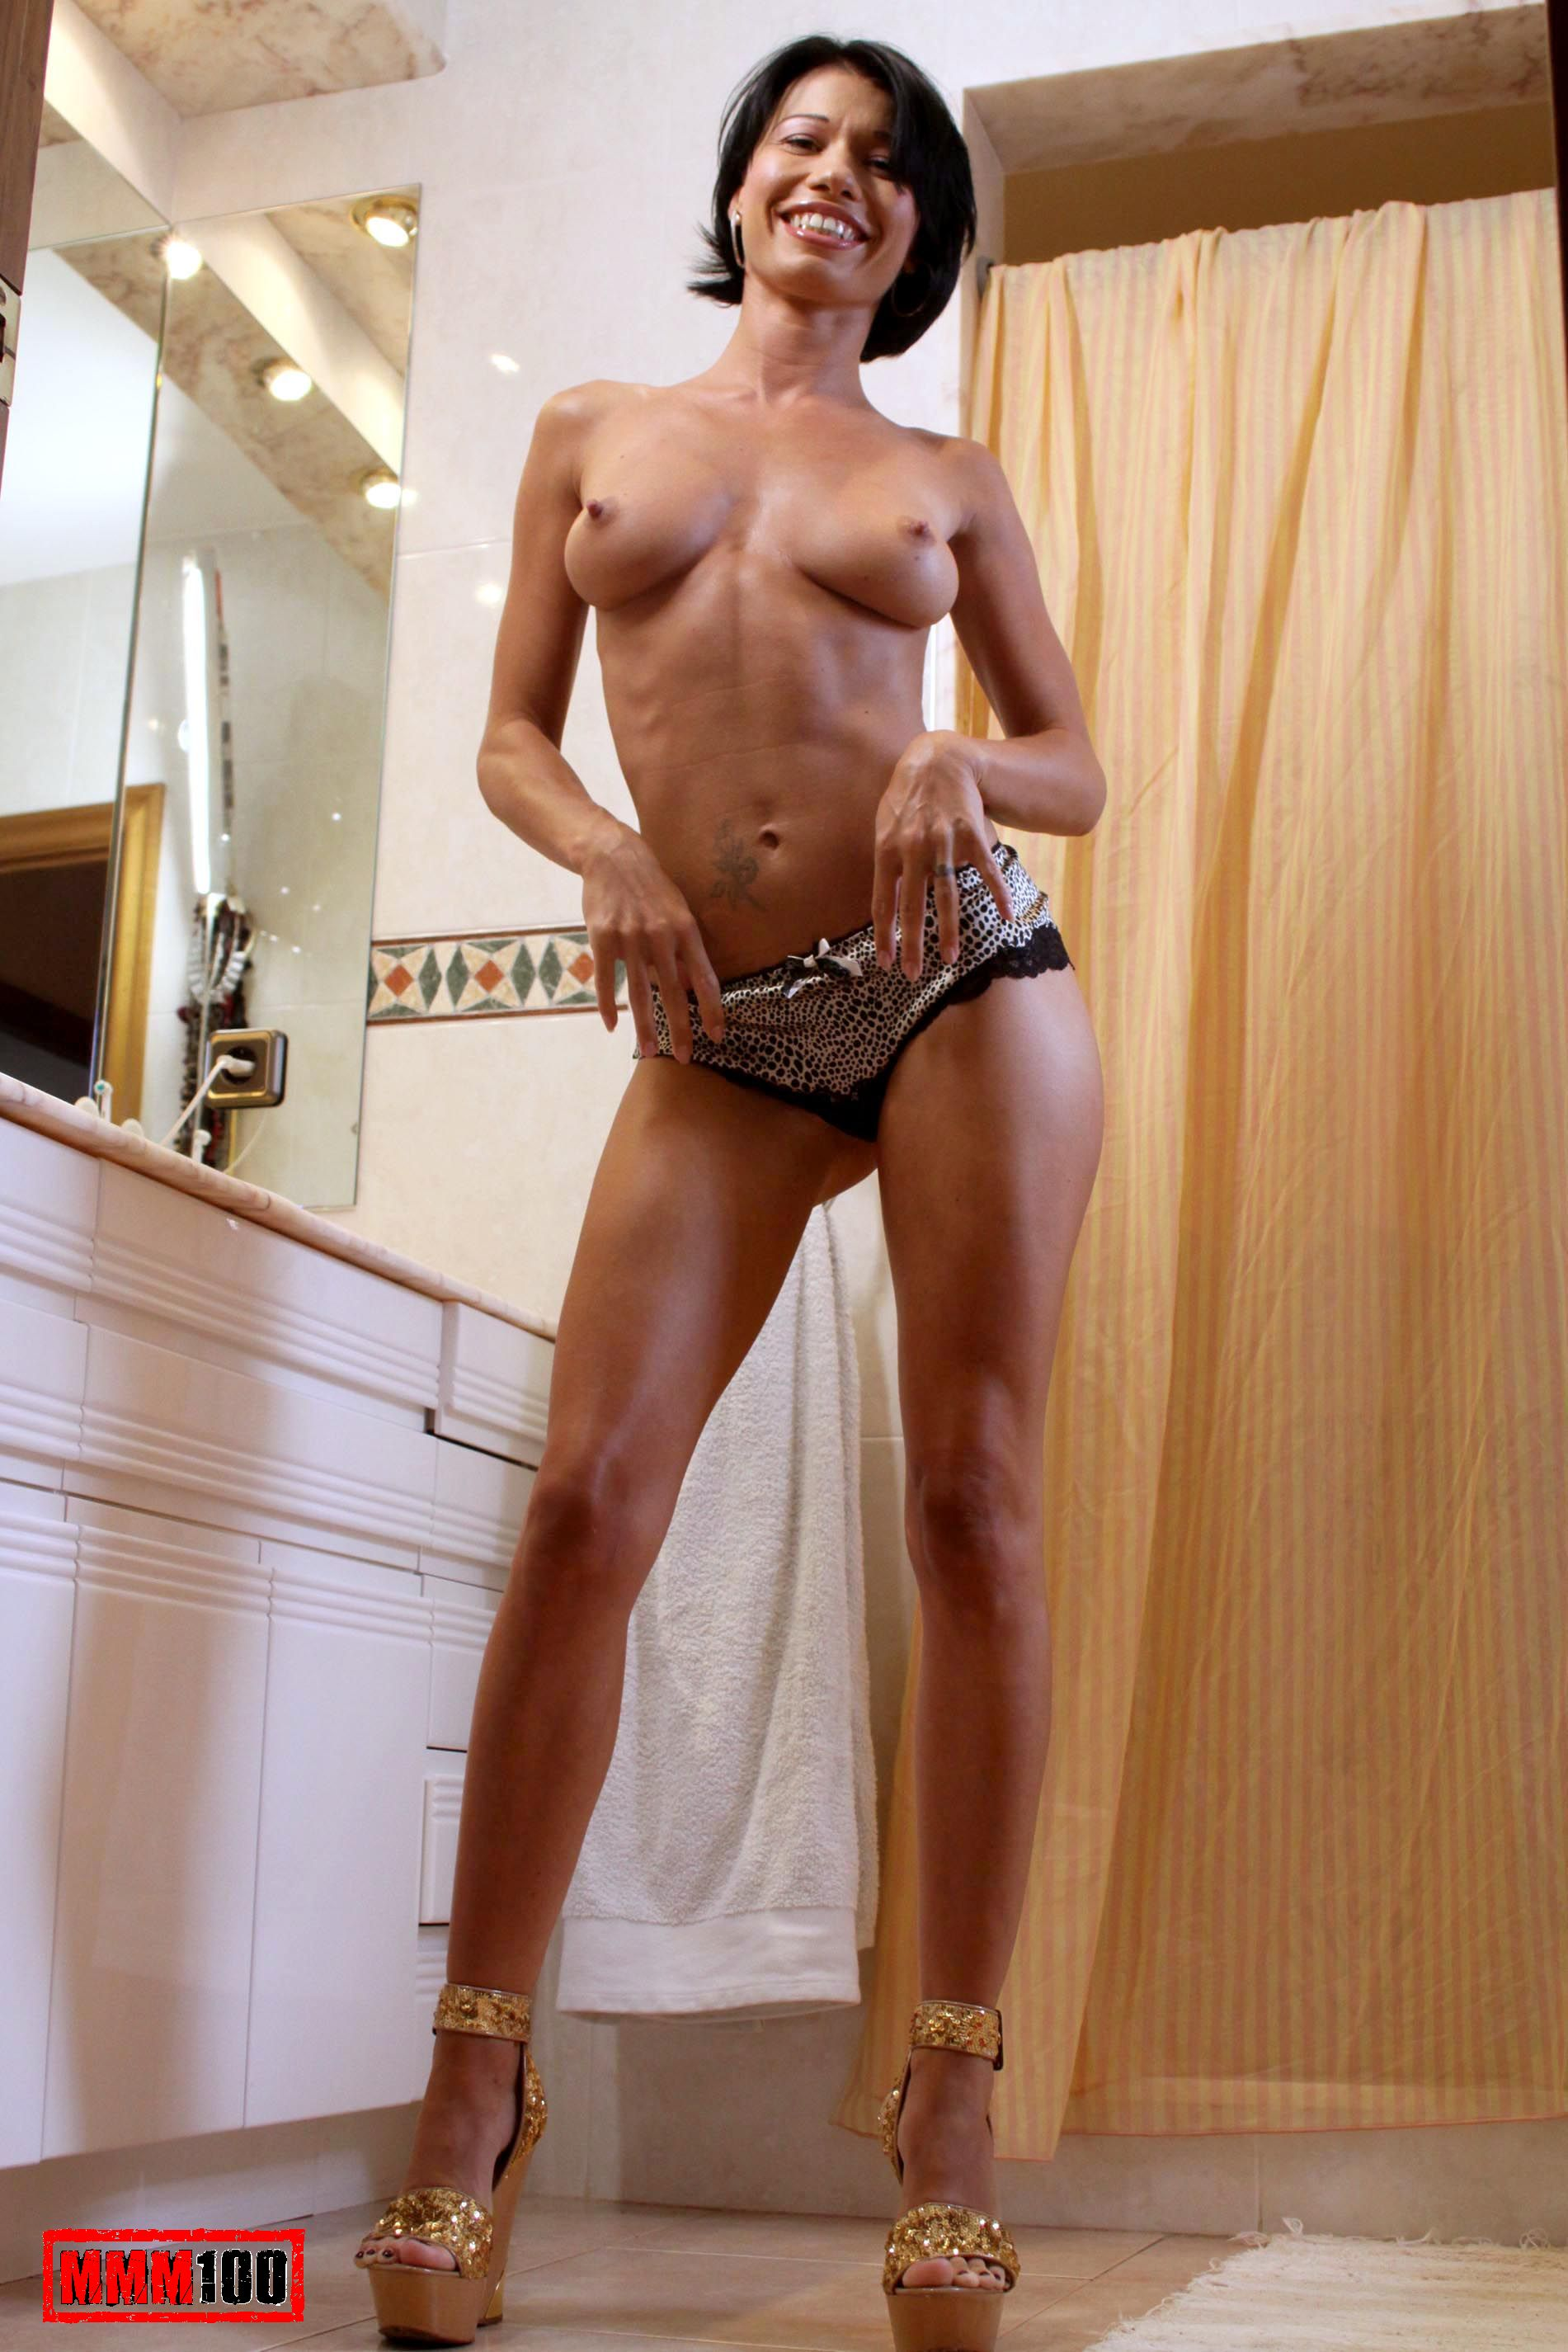 nude Mademoiselle justine